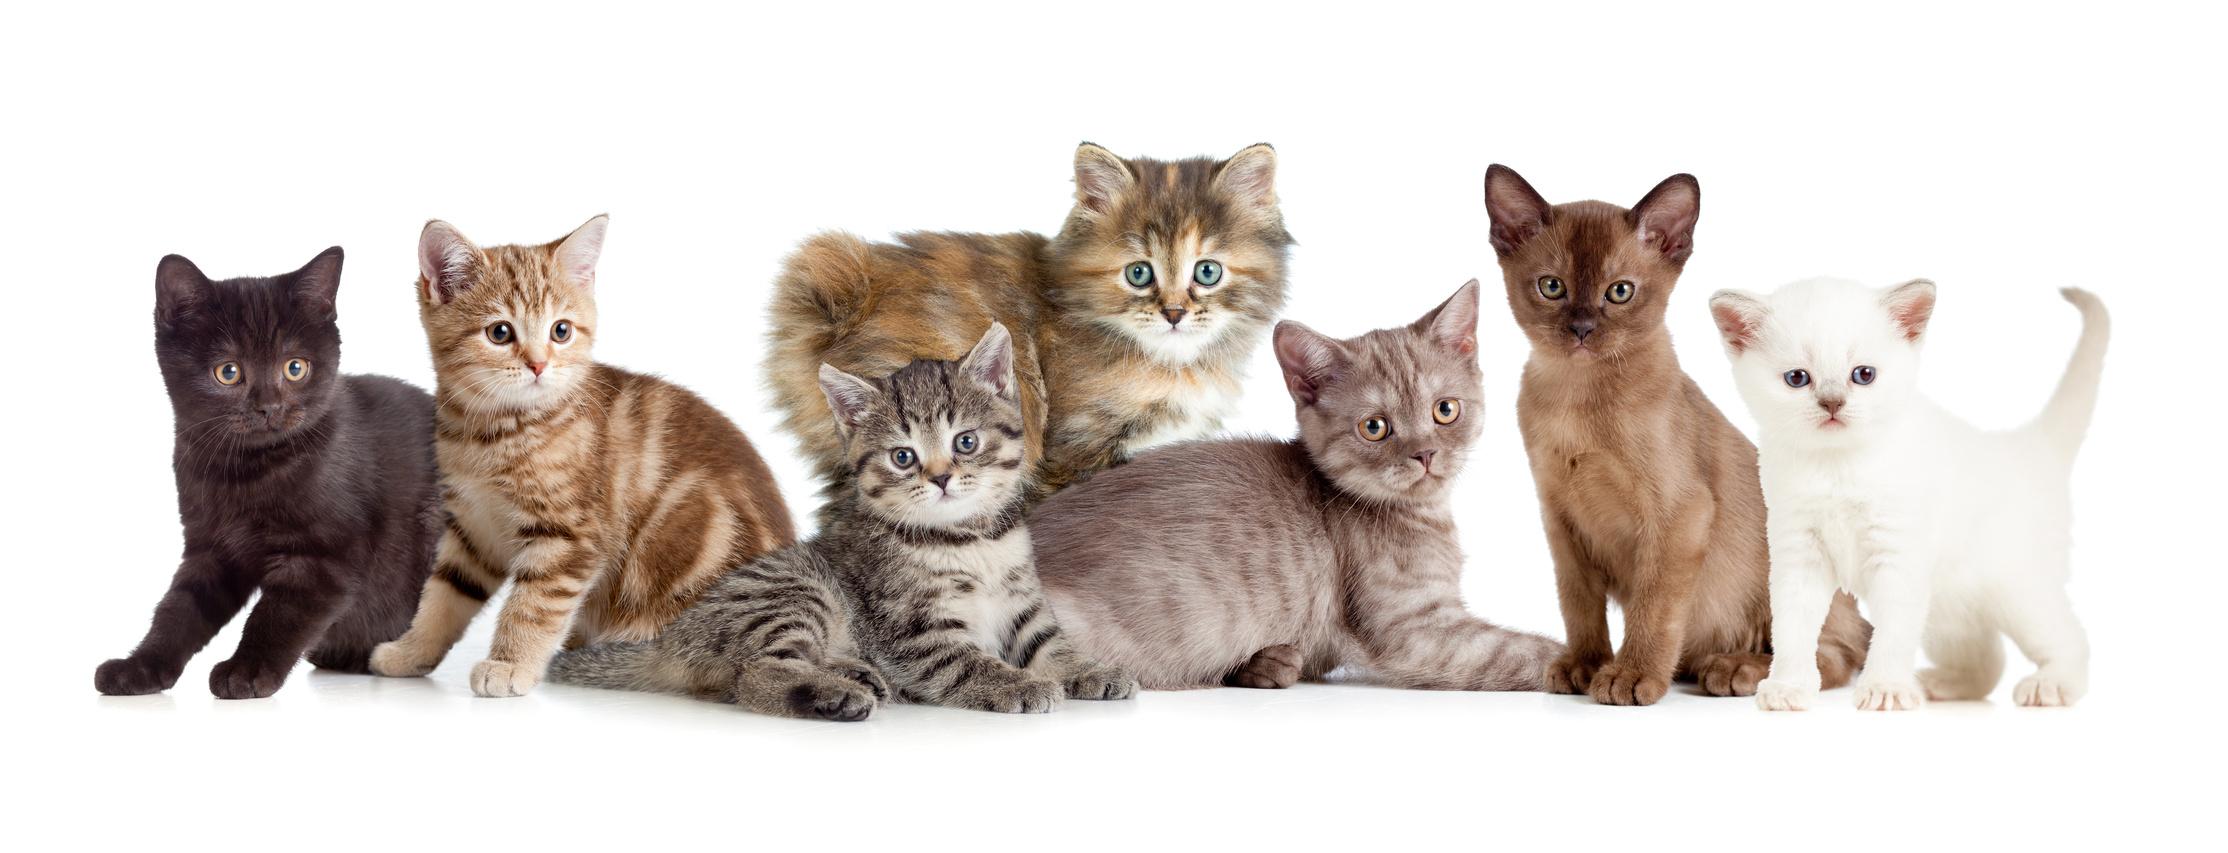 意外と知らない!?猫の基本的な特徴と体の仕組み